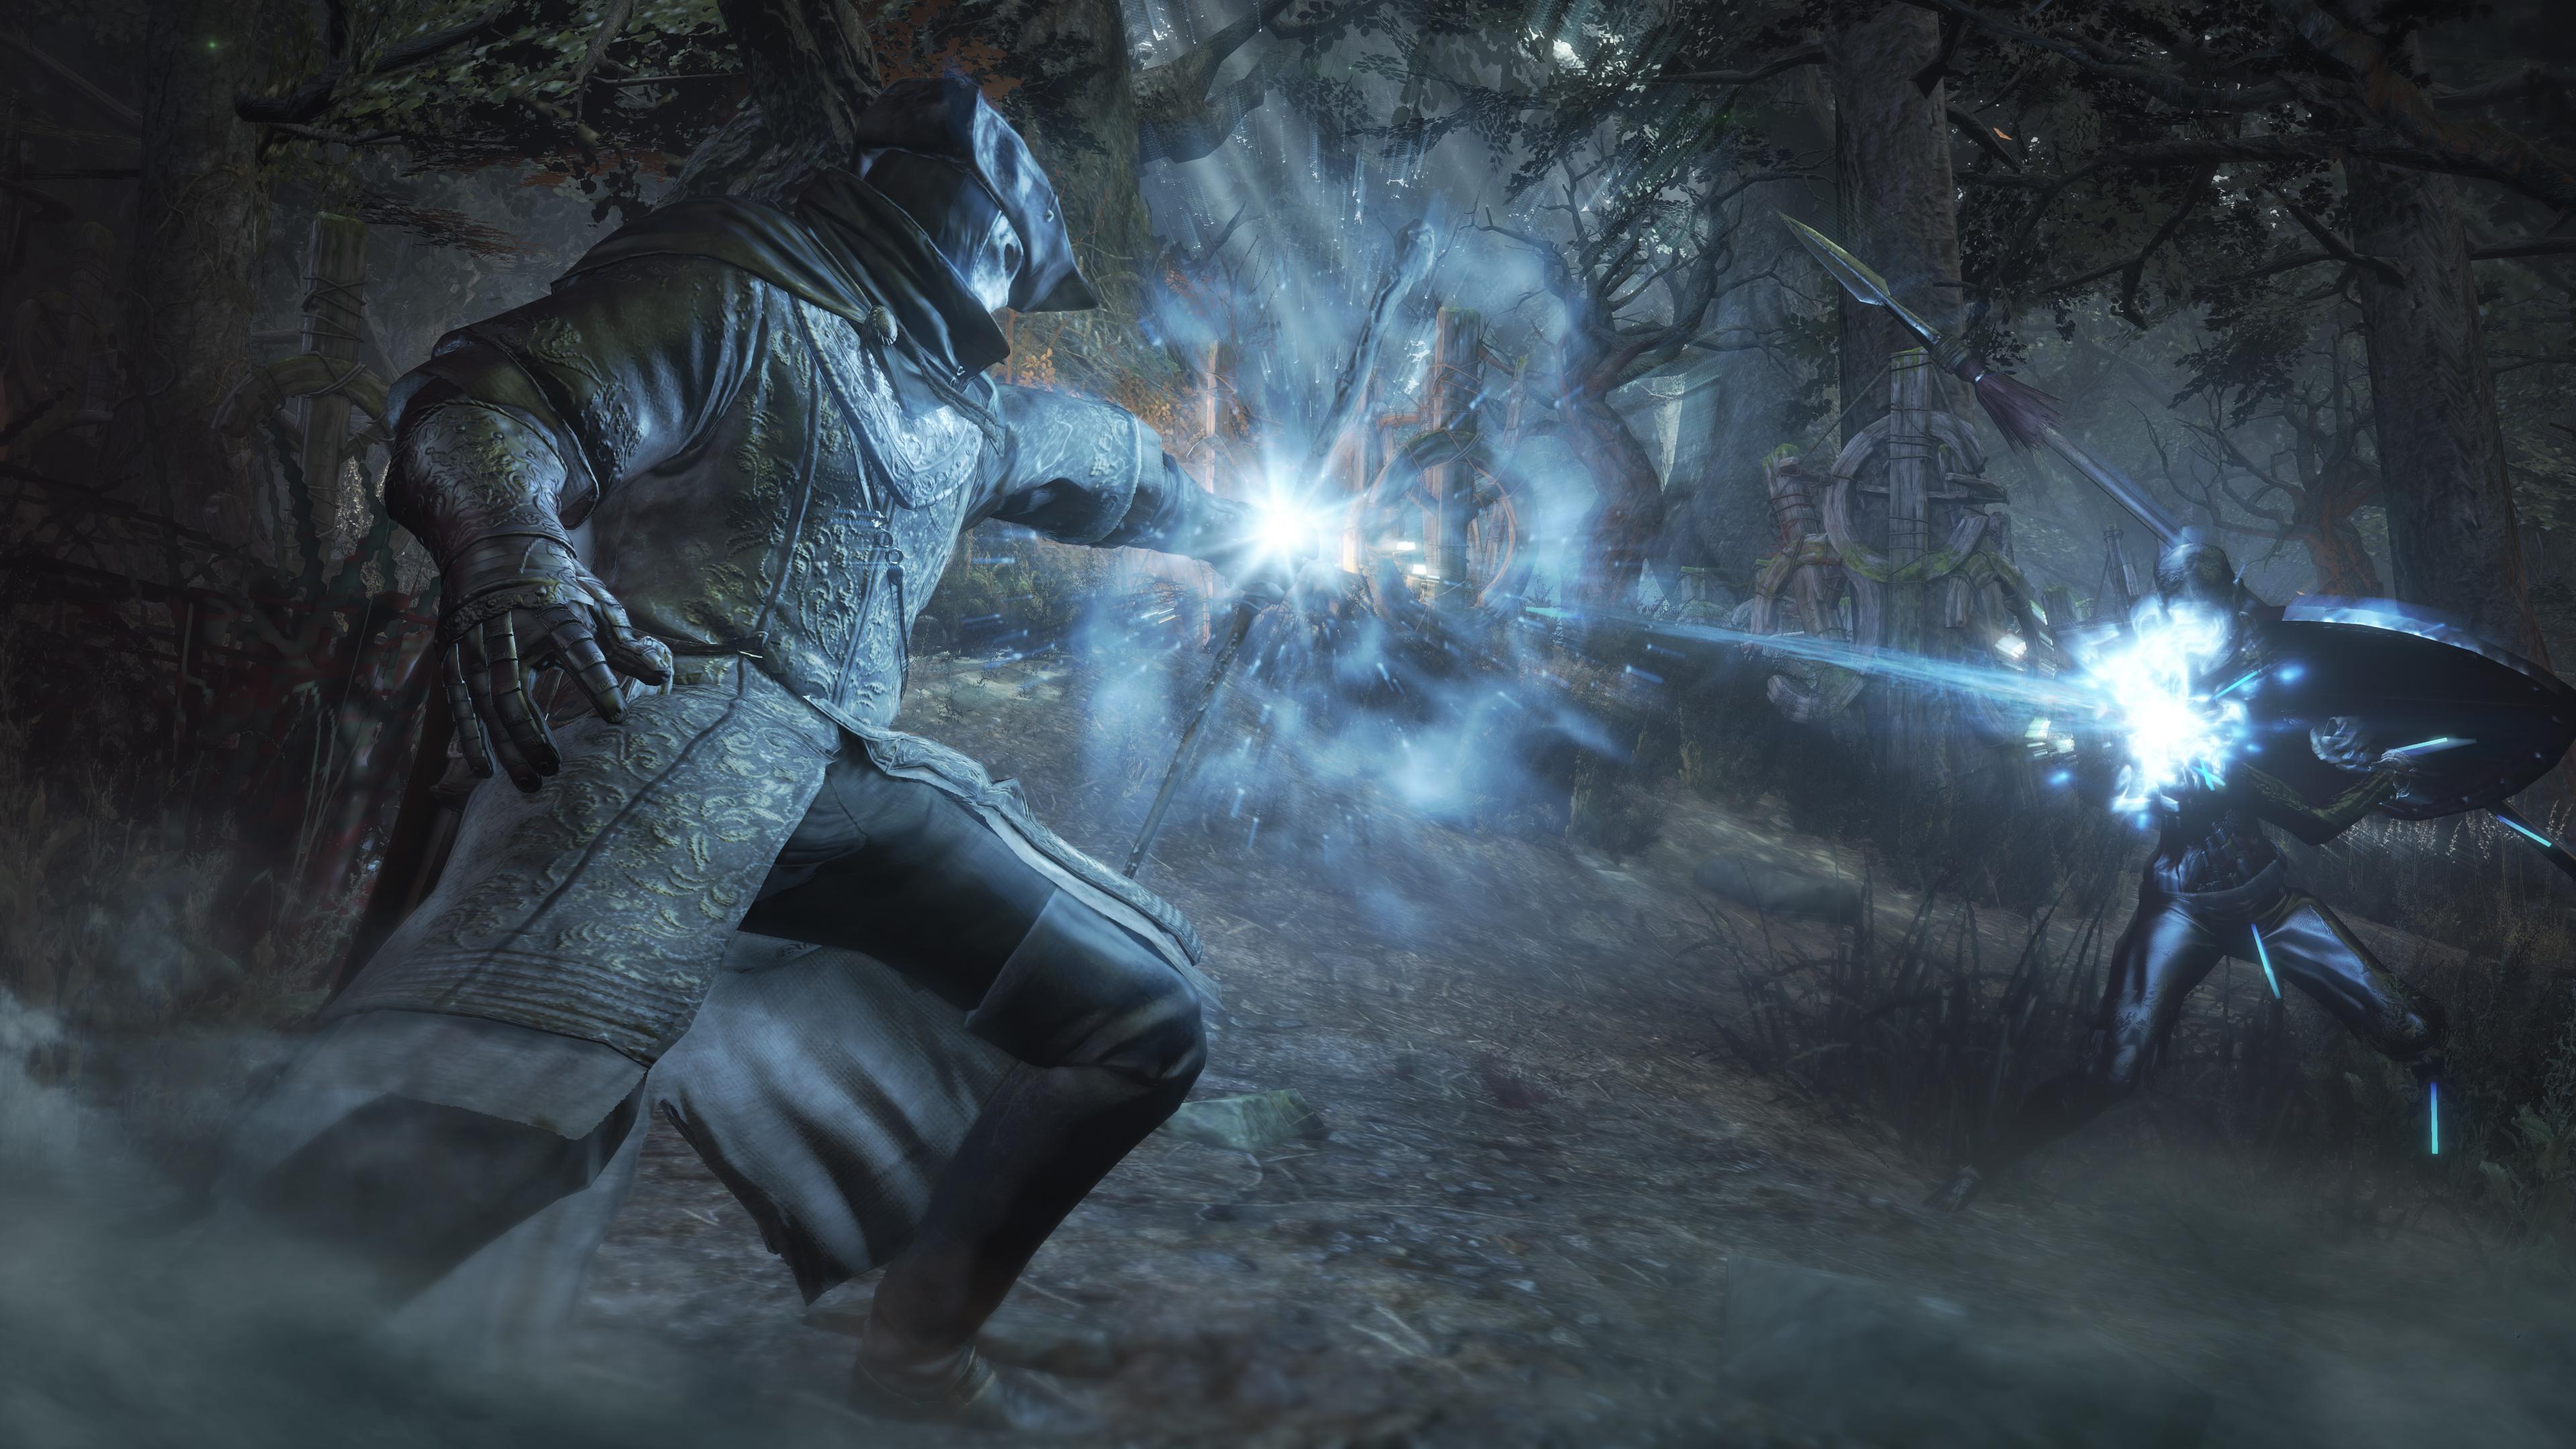 黑暗之魂3游戏图片欣赏